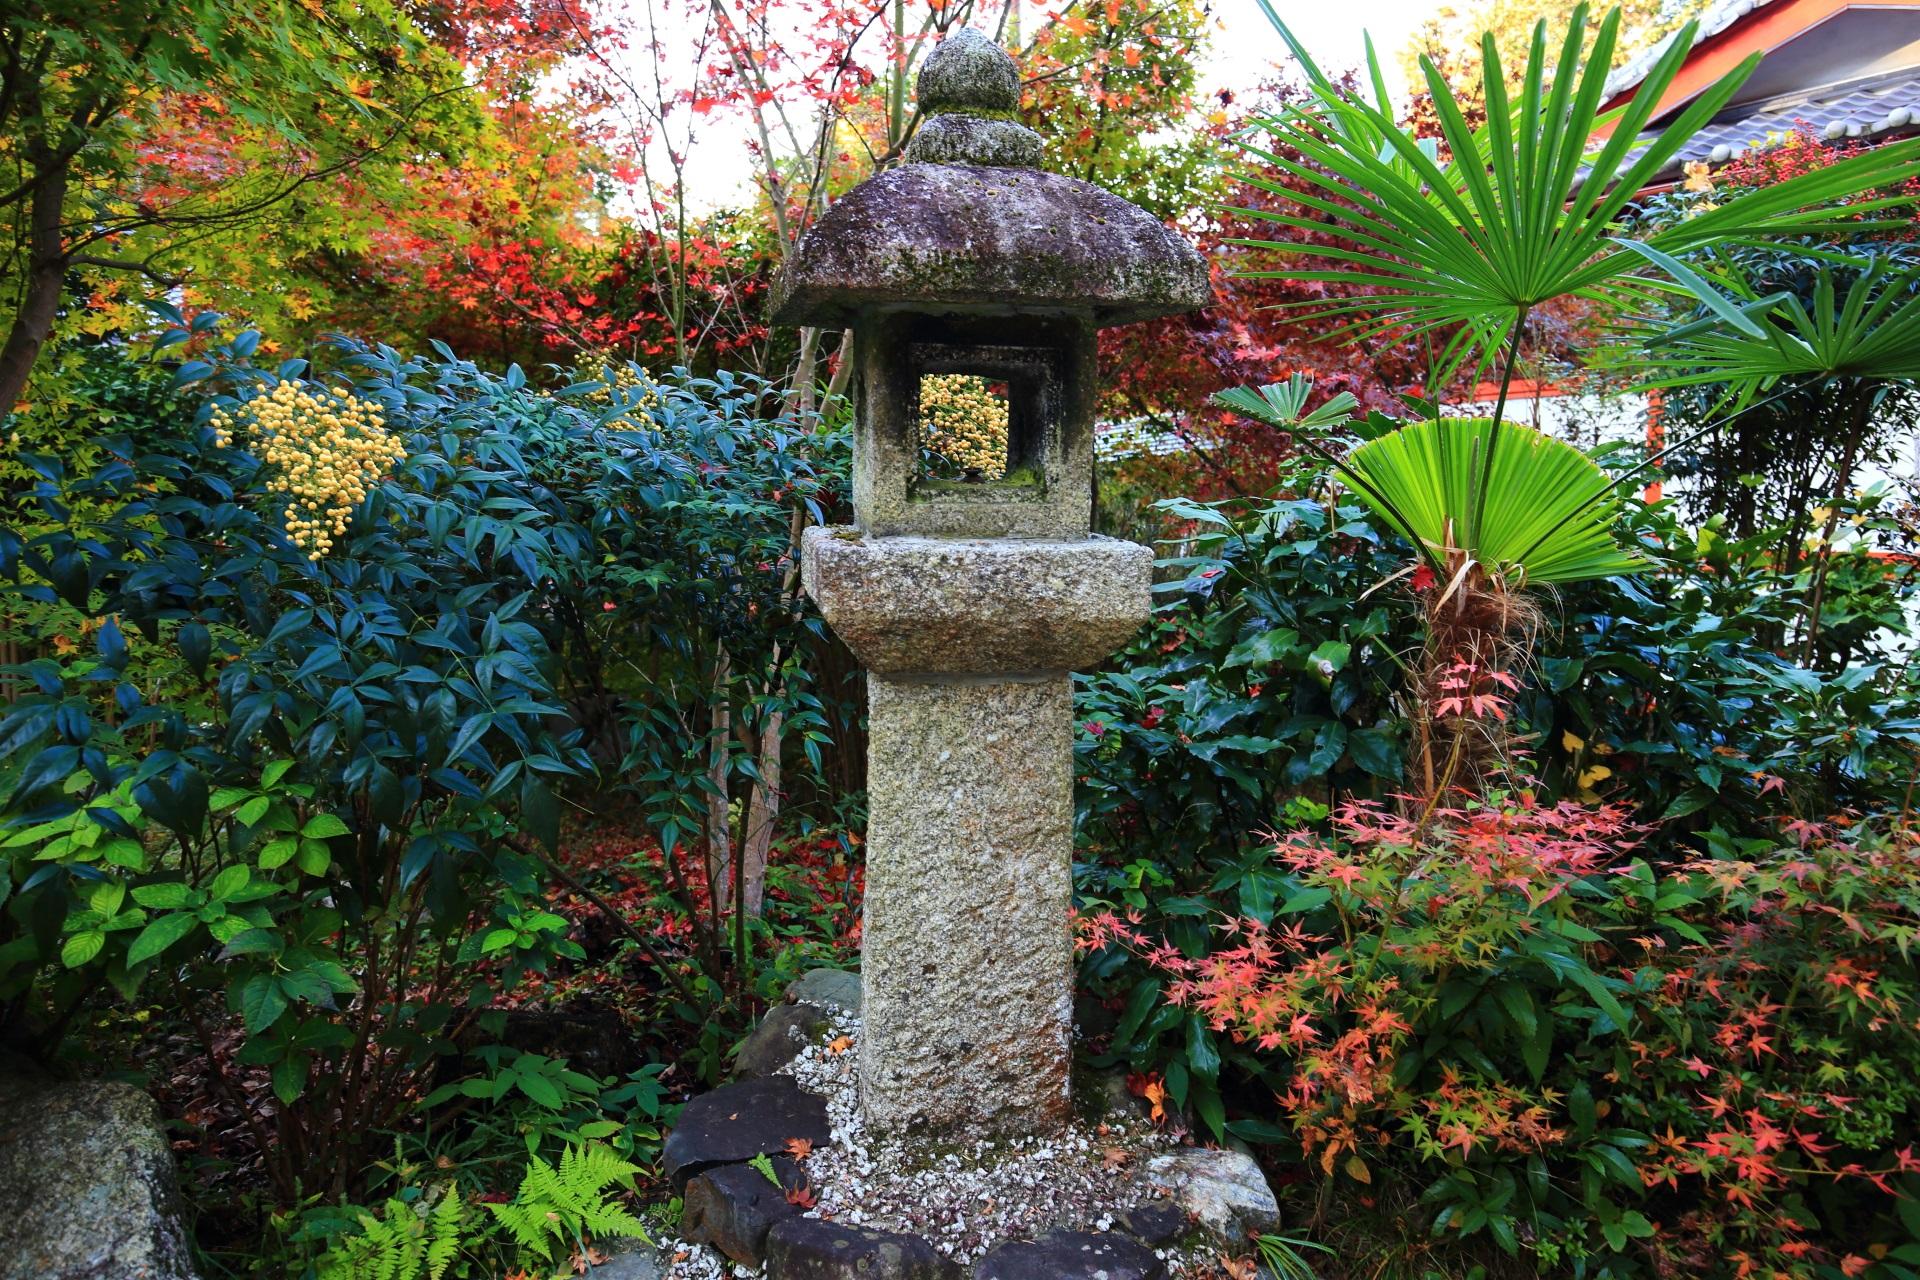 鷺森神社のもみじや南天やシダなどの植物に囲まれる燈籠